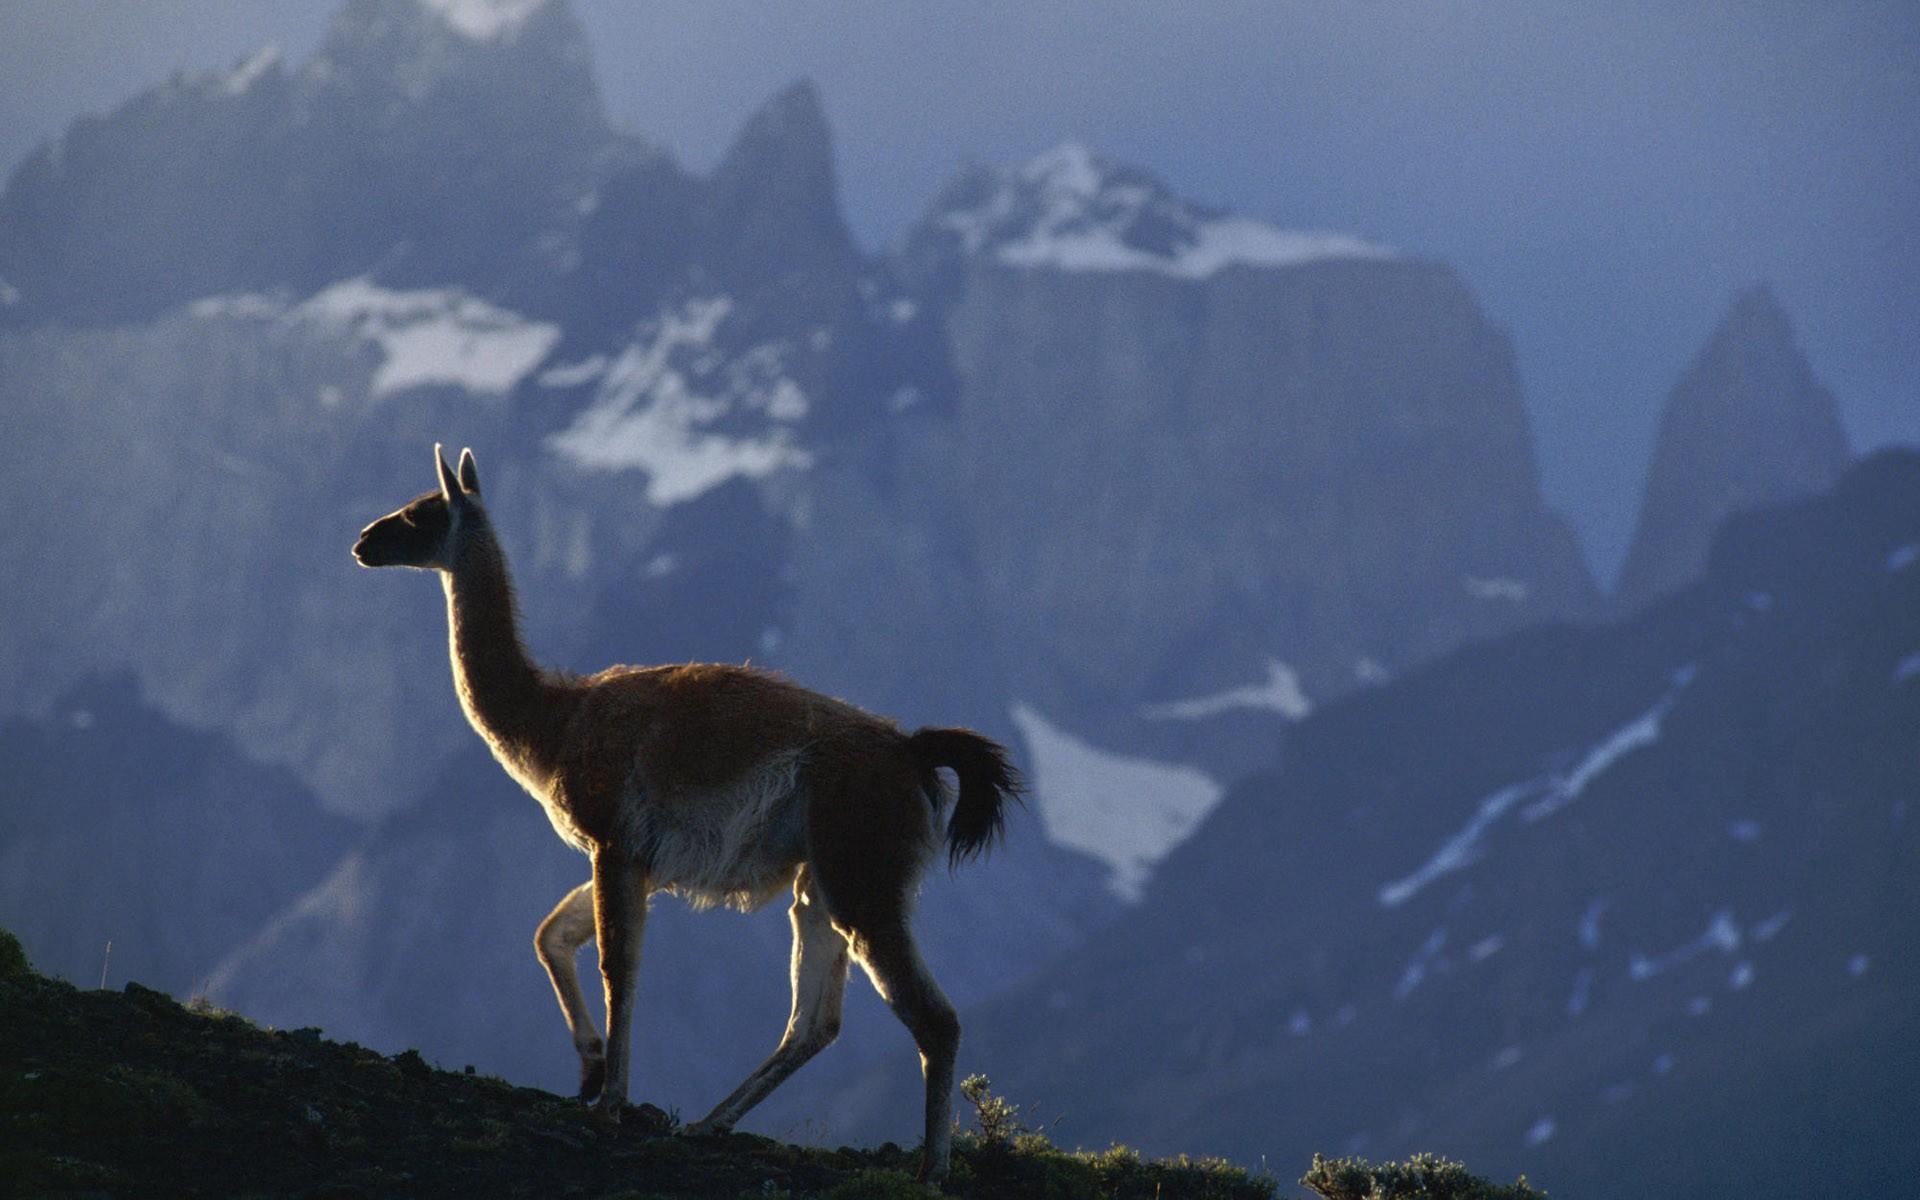 Animals Llama Wallpaper 1920x1200 Animals Llama 1920x1200